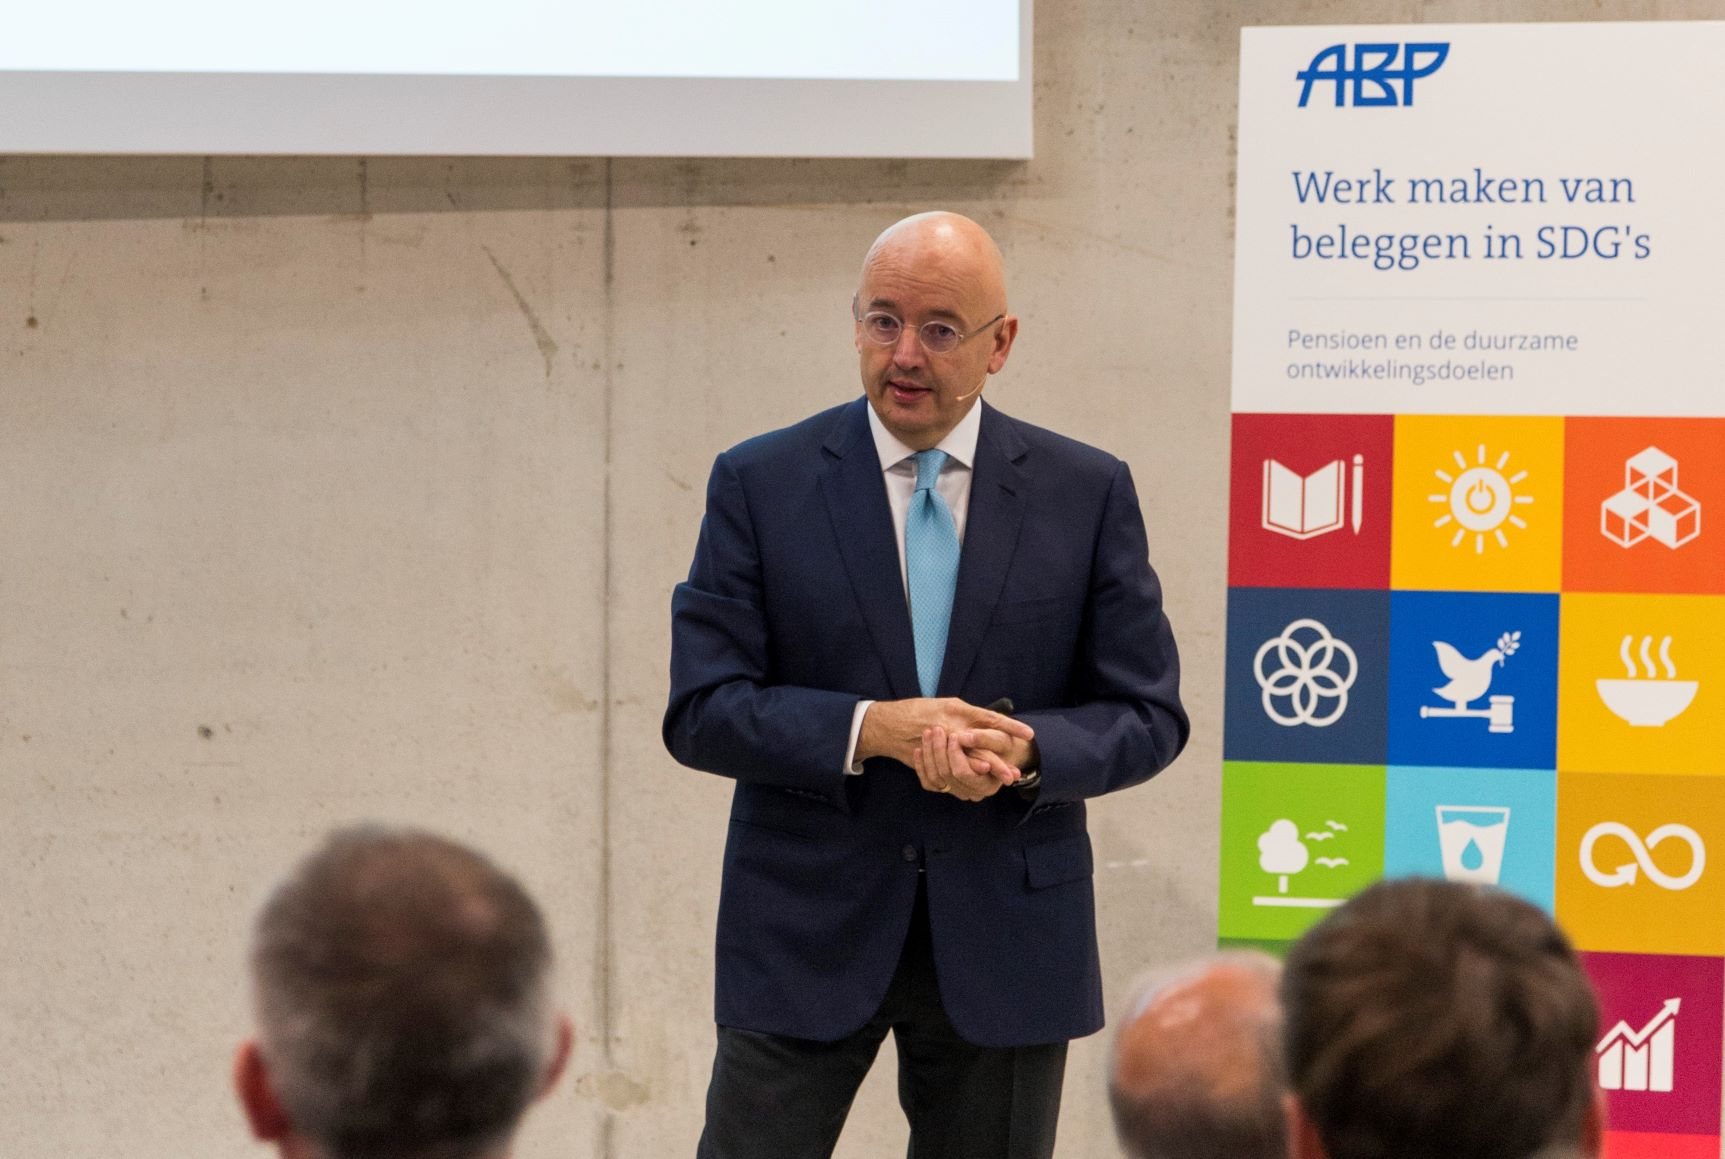 ABP maakt werk van beleggen in duurzame ontwikkelingsdoelen